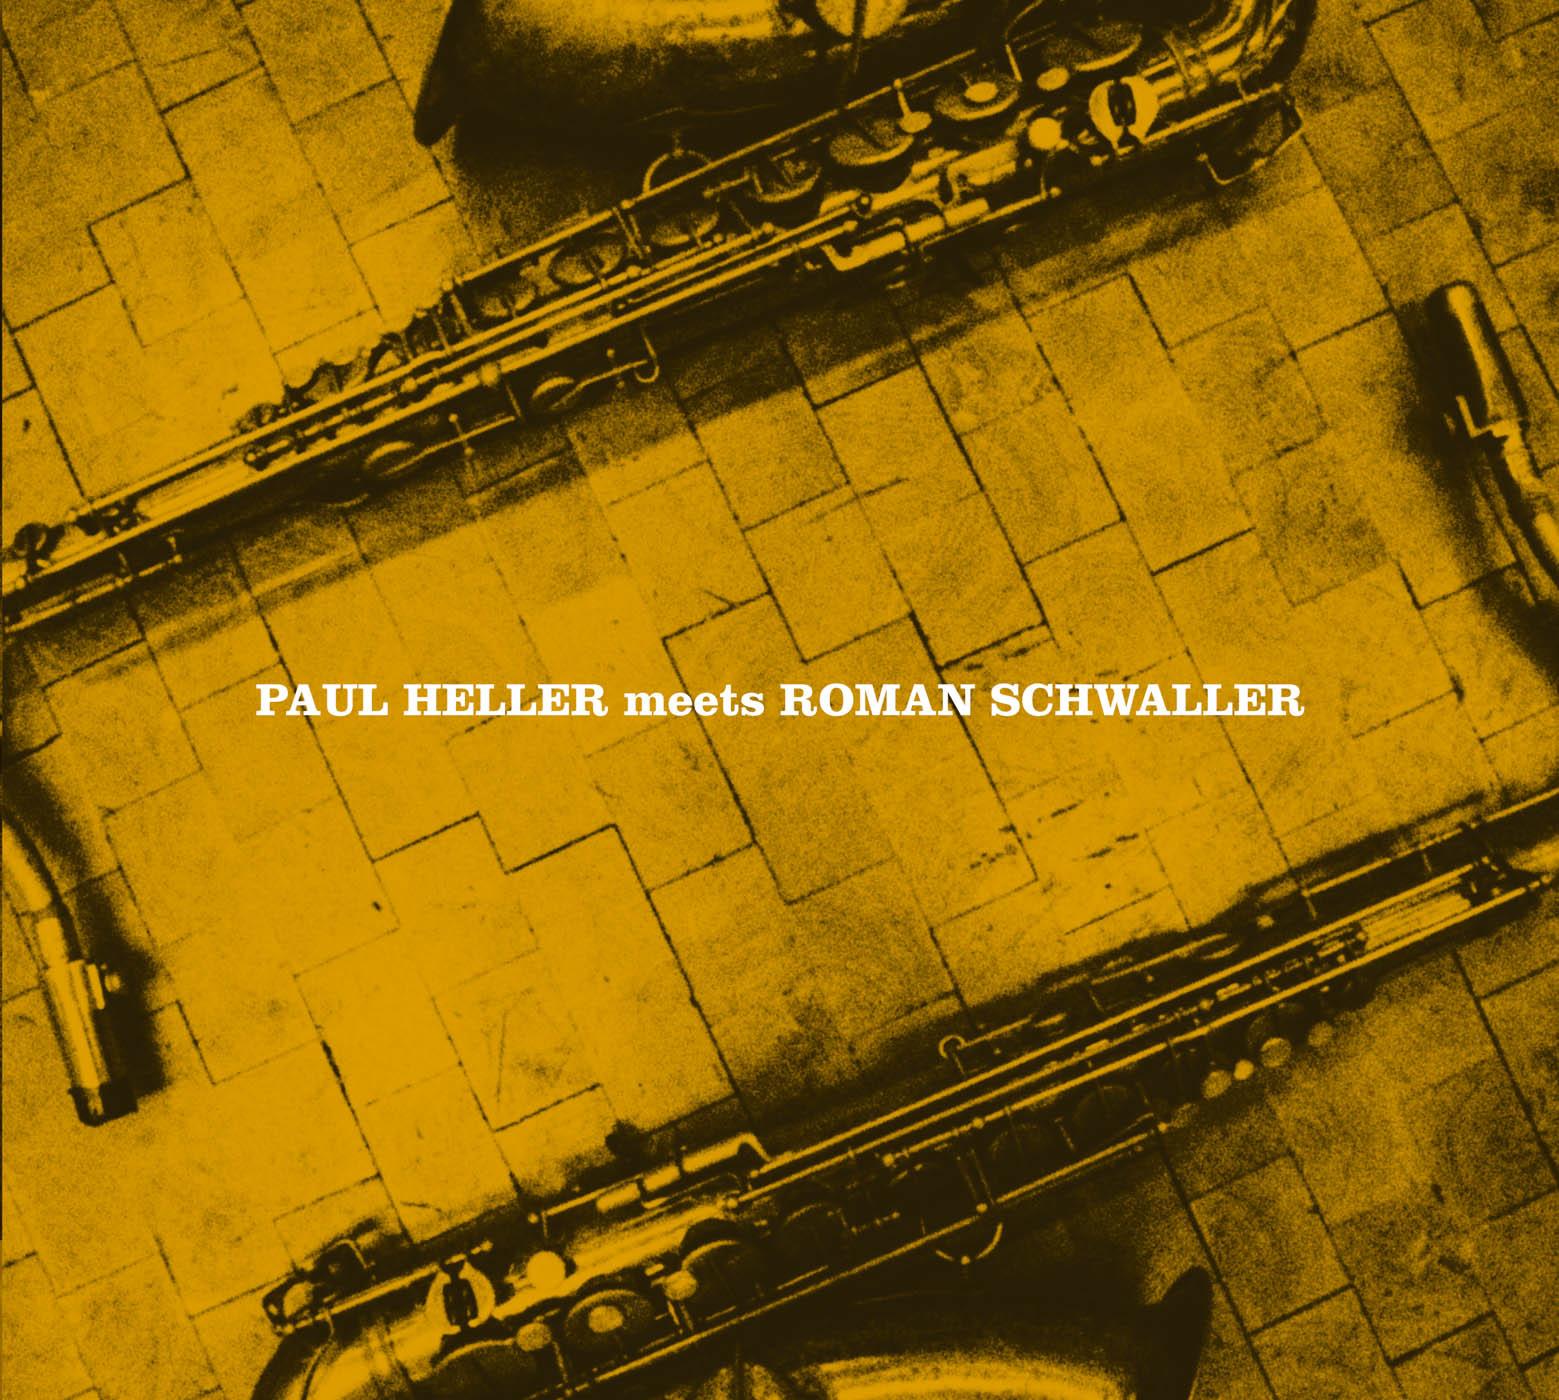 Paul-Heller-meets-Roman-Schwaller-Digipak-2.jpg